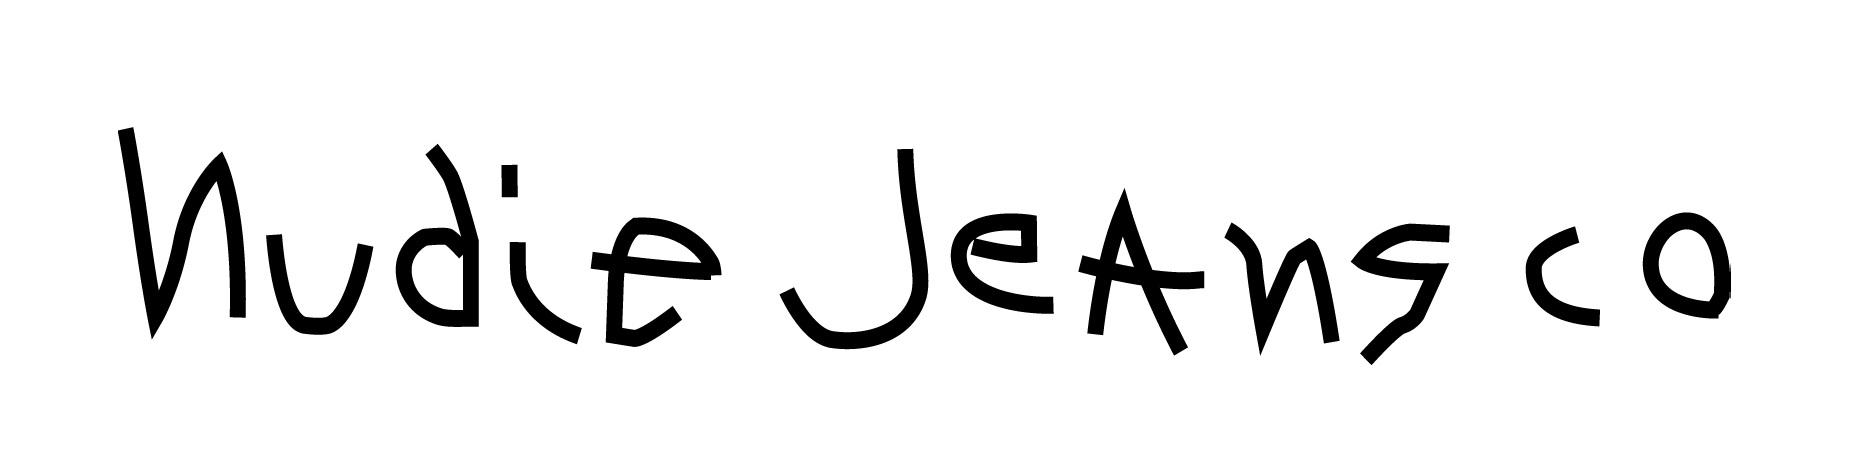 Nudie Jeans - logo